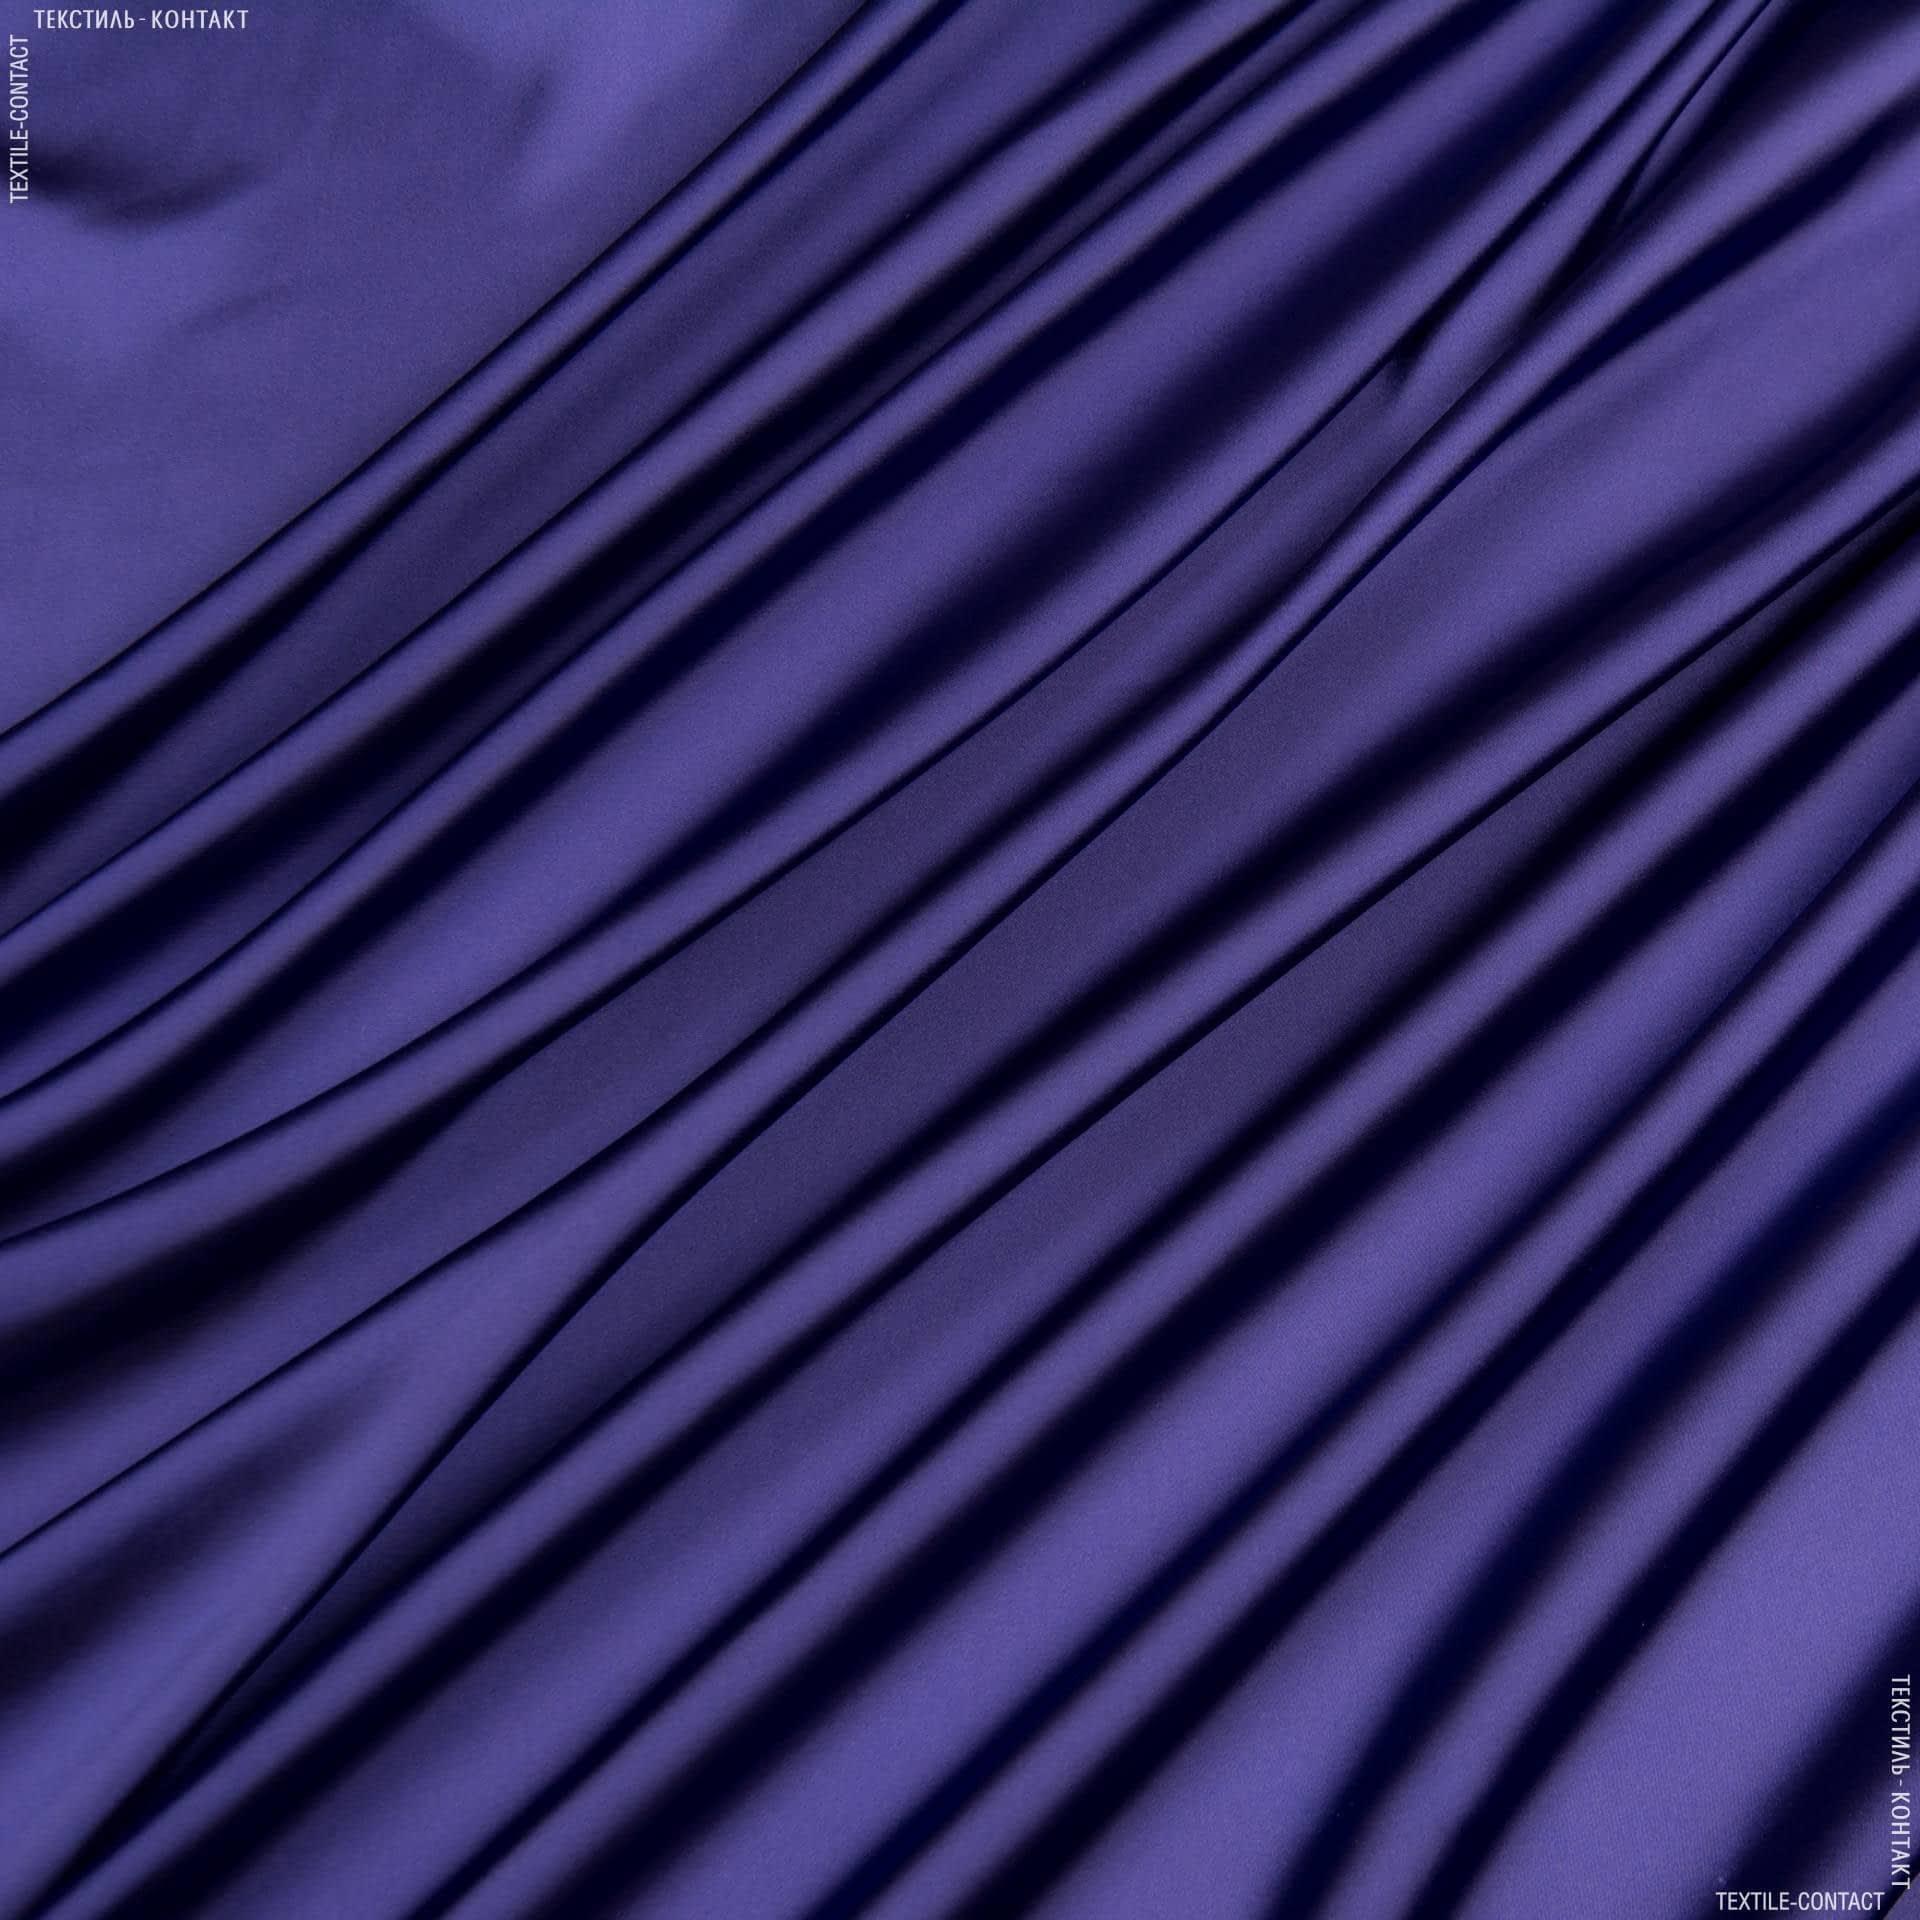 Ткани для платьев - Шелк искусственный темный электрик